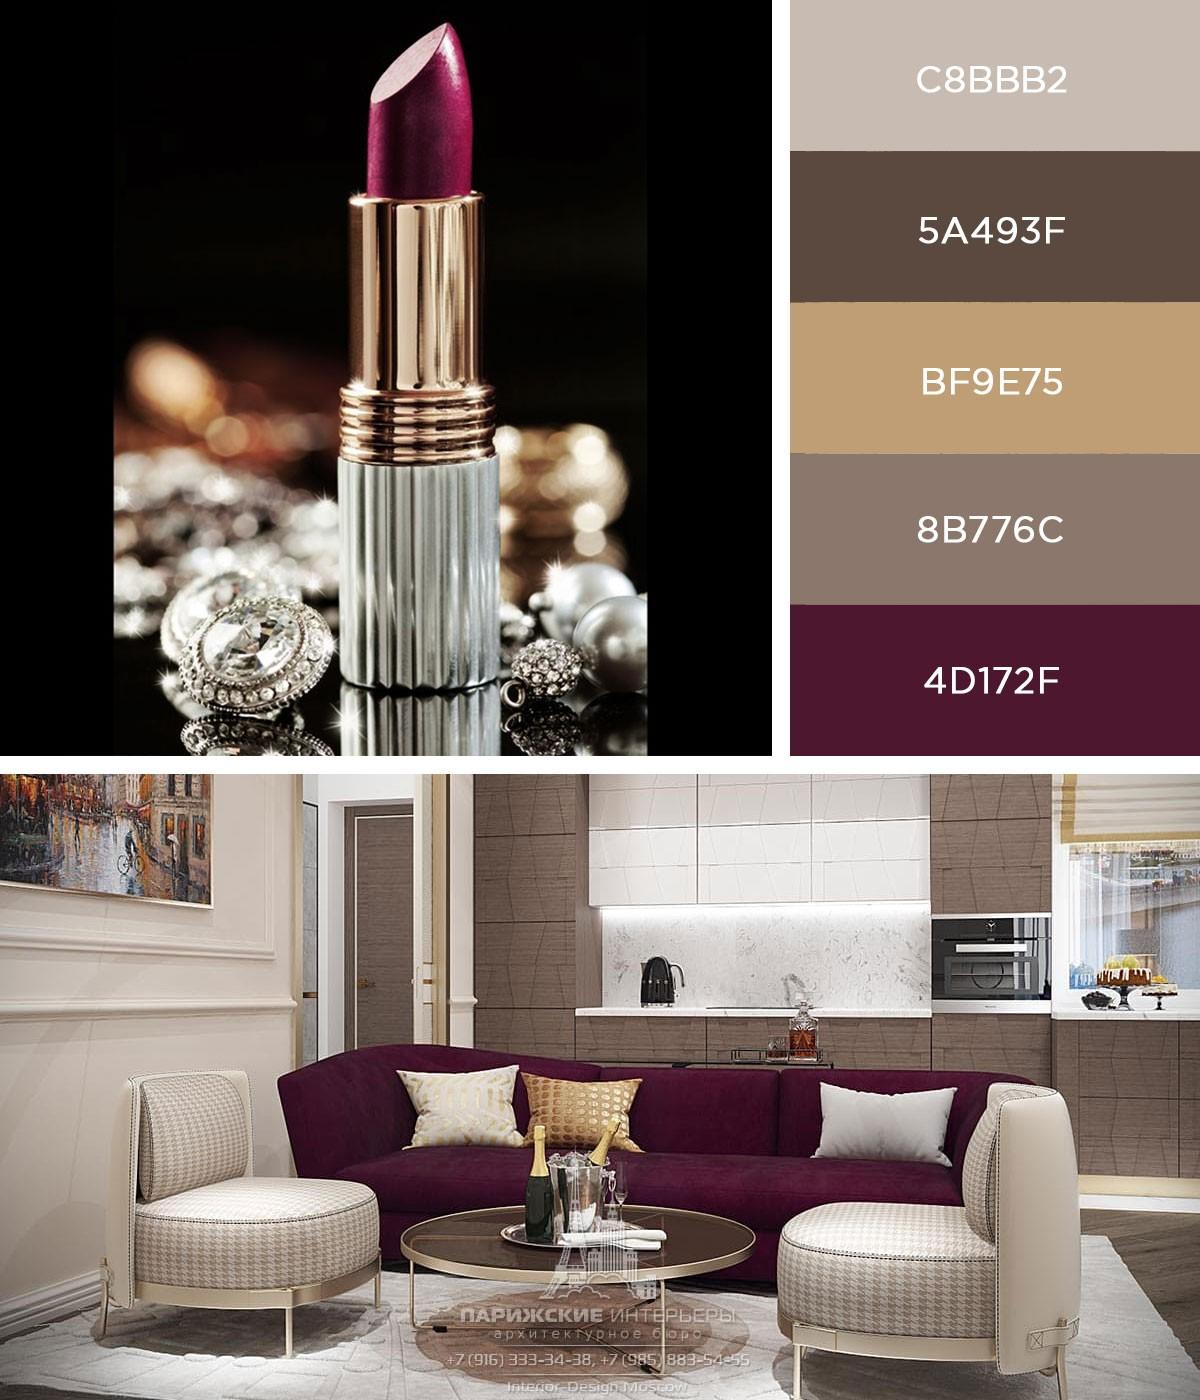 Дизайн интерьера в светлых тонах с винными акцентами